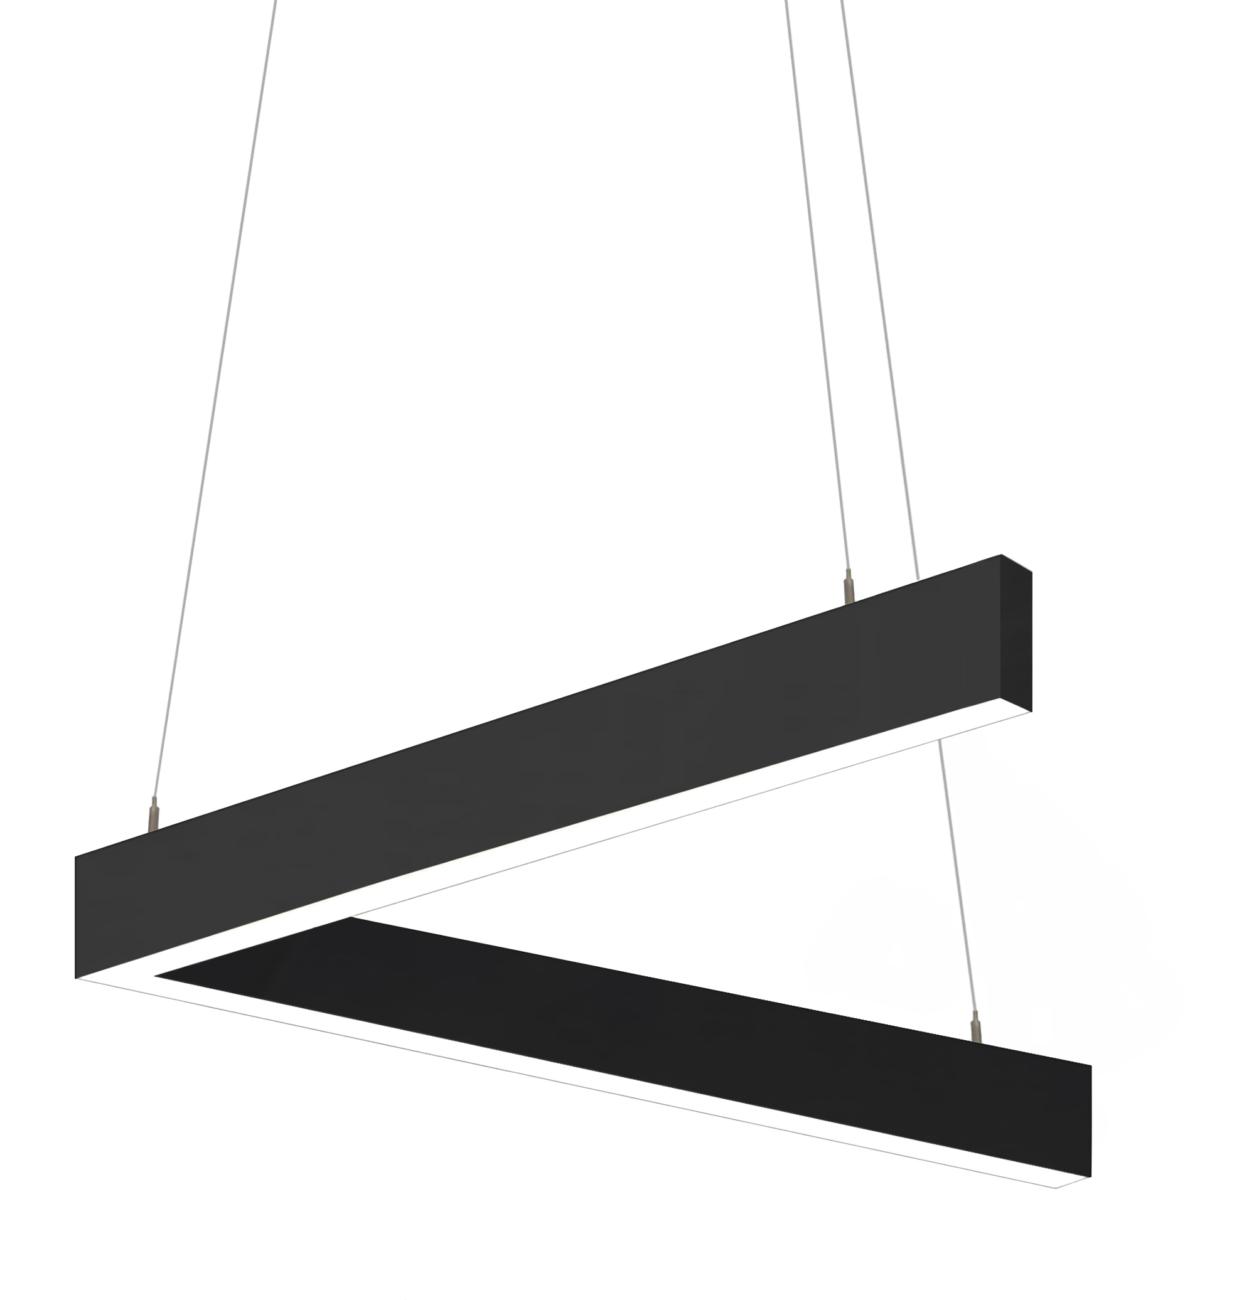 Светильник Style-3567. 500×500мм. 4000К/3000К. 17W/36W купить в Москве